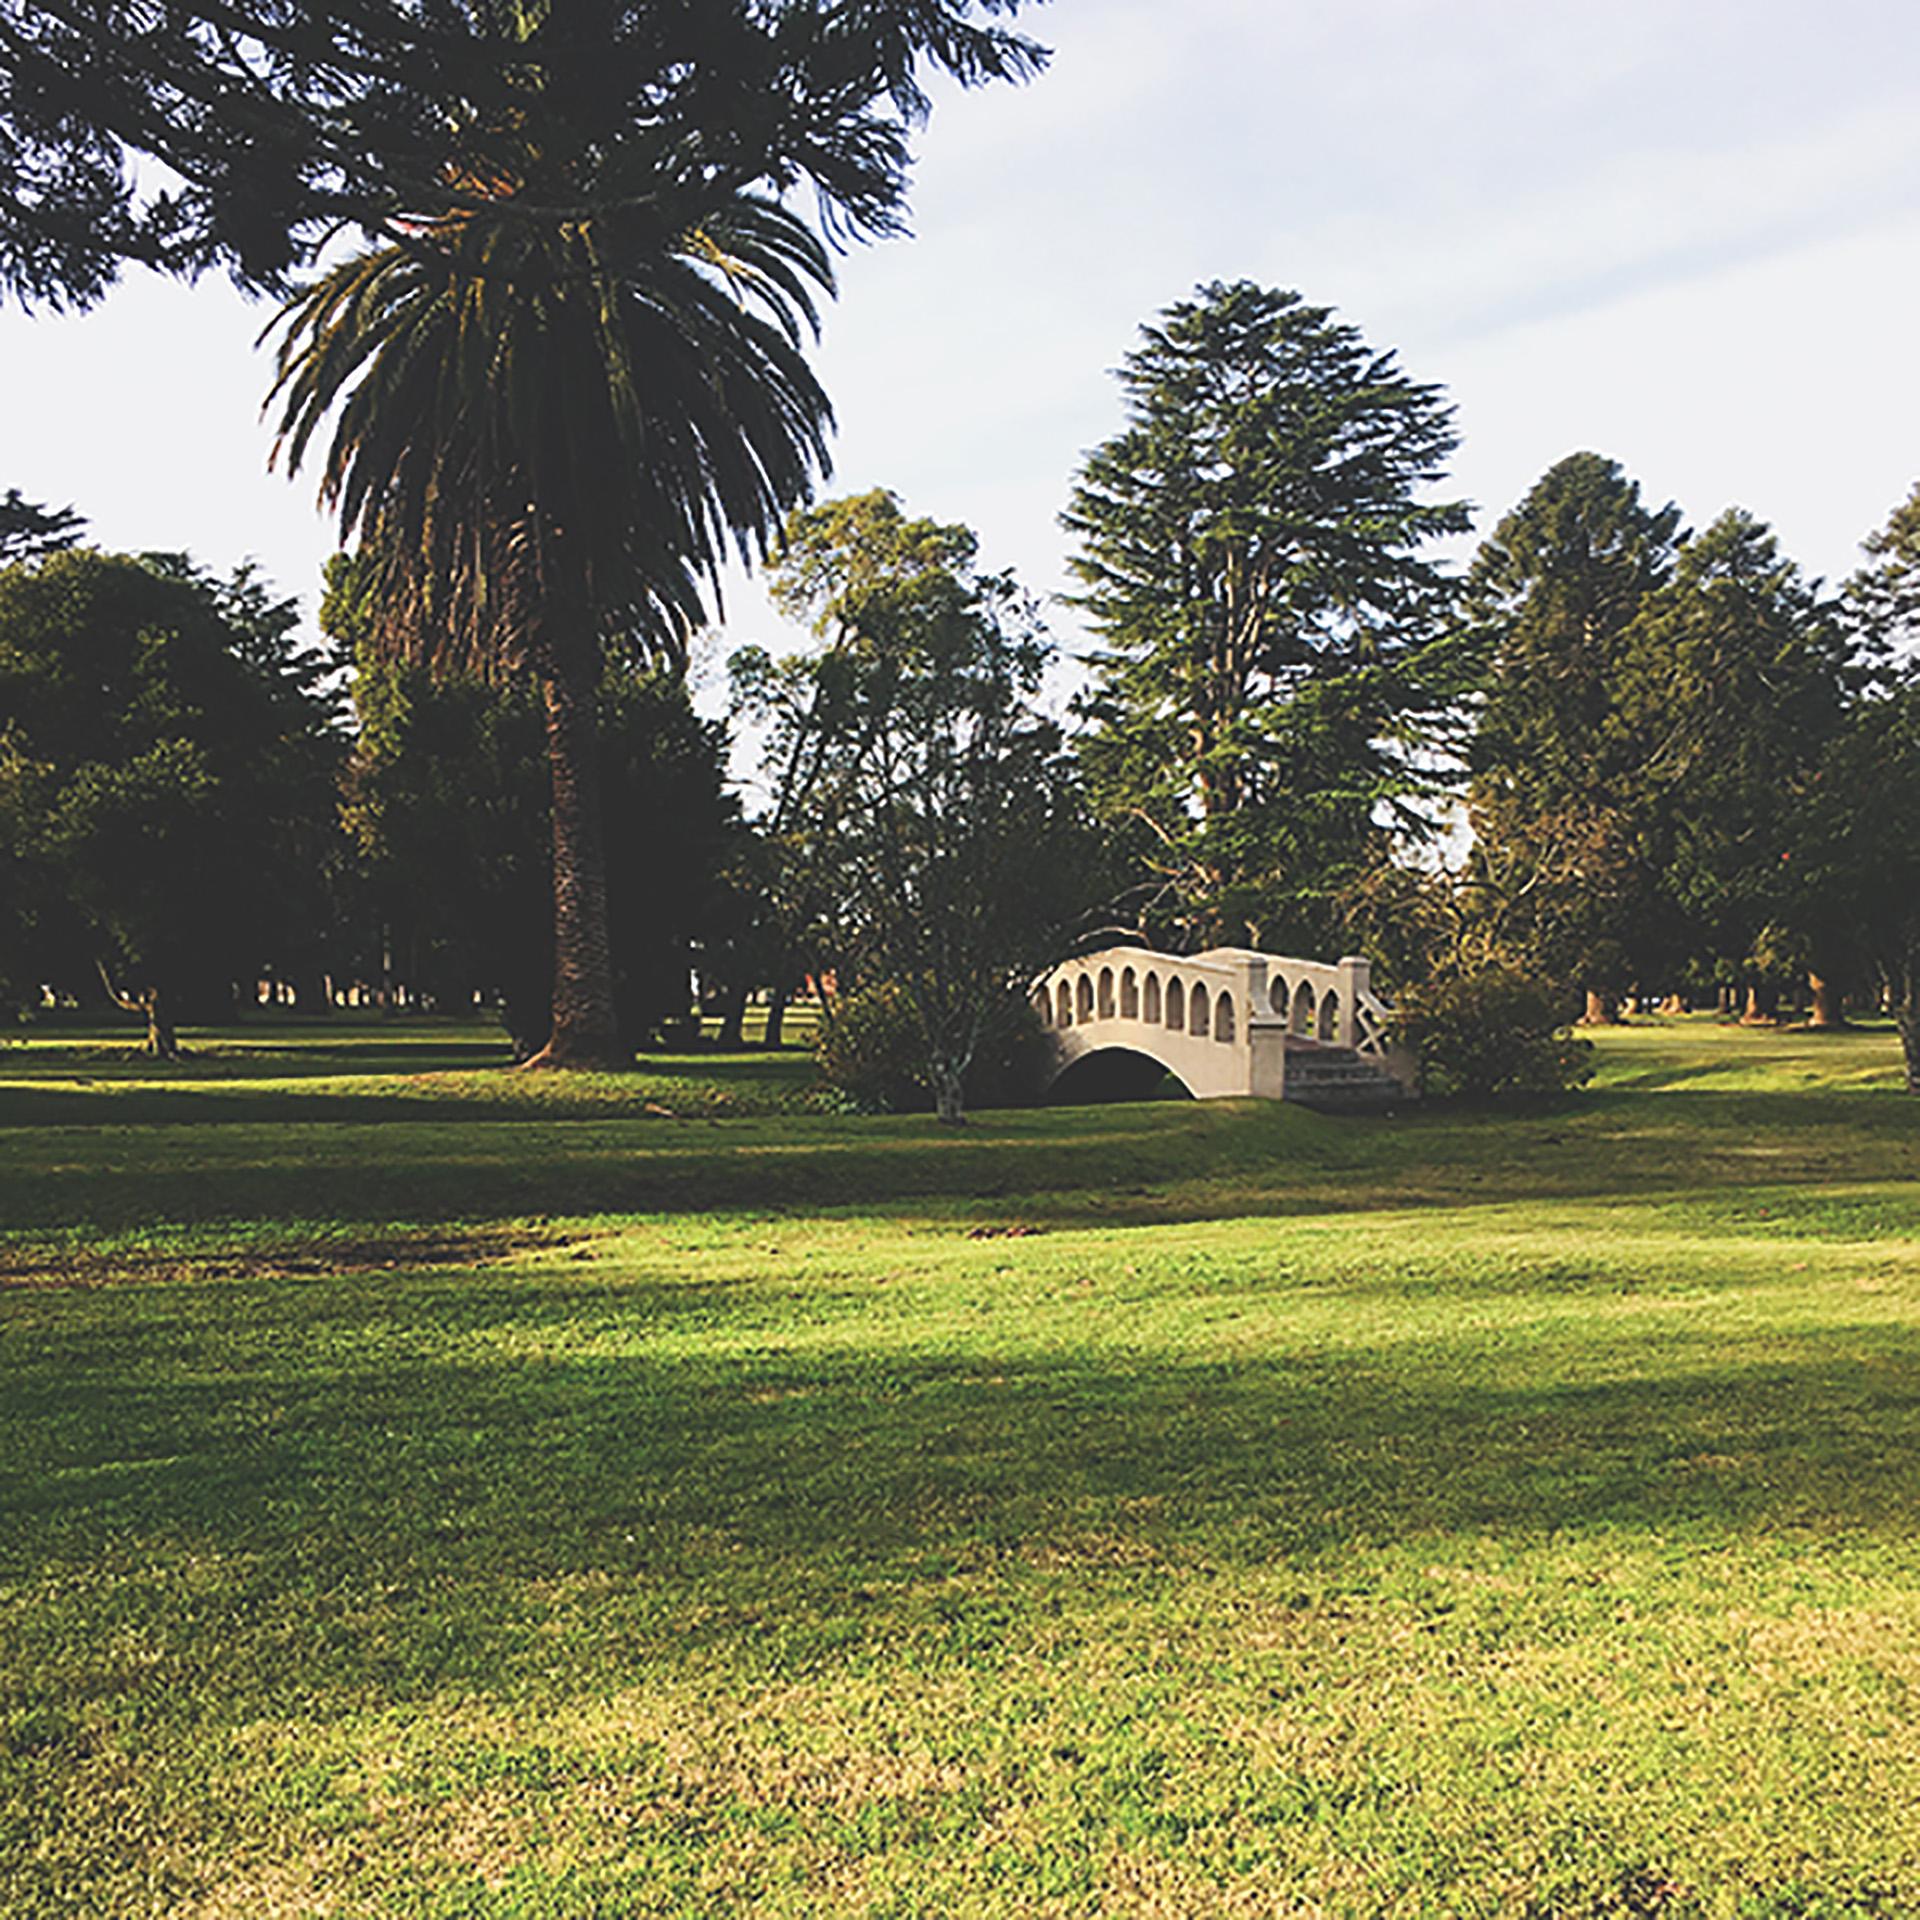 La parquización de los jardines invitan a contemplar su belleza al aire libre